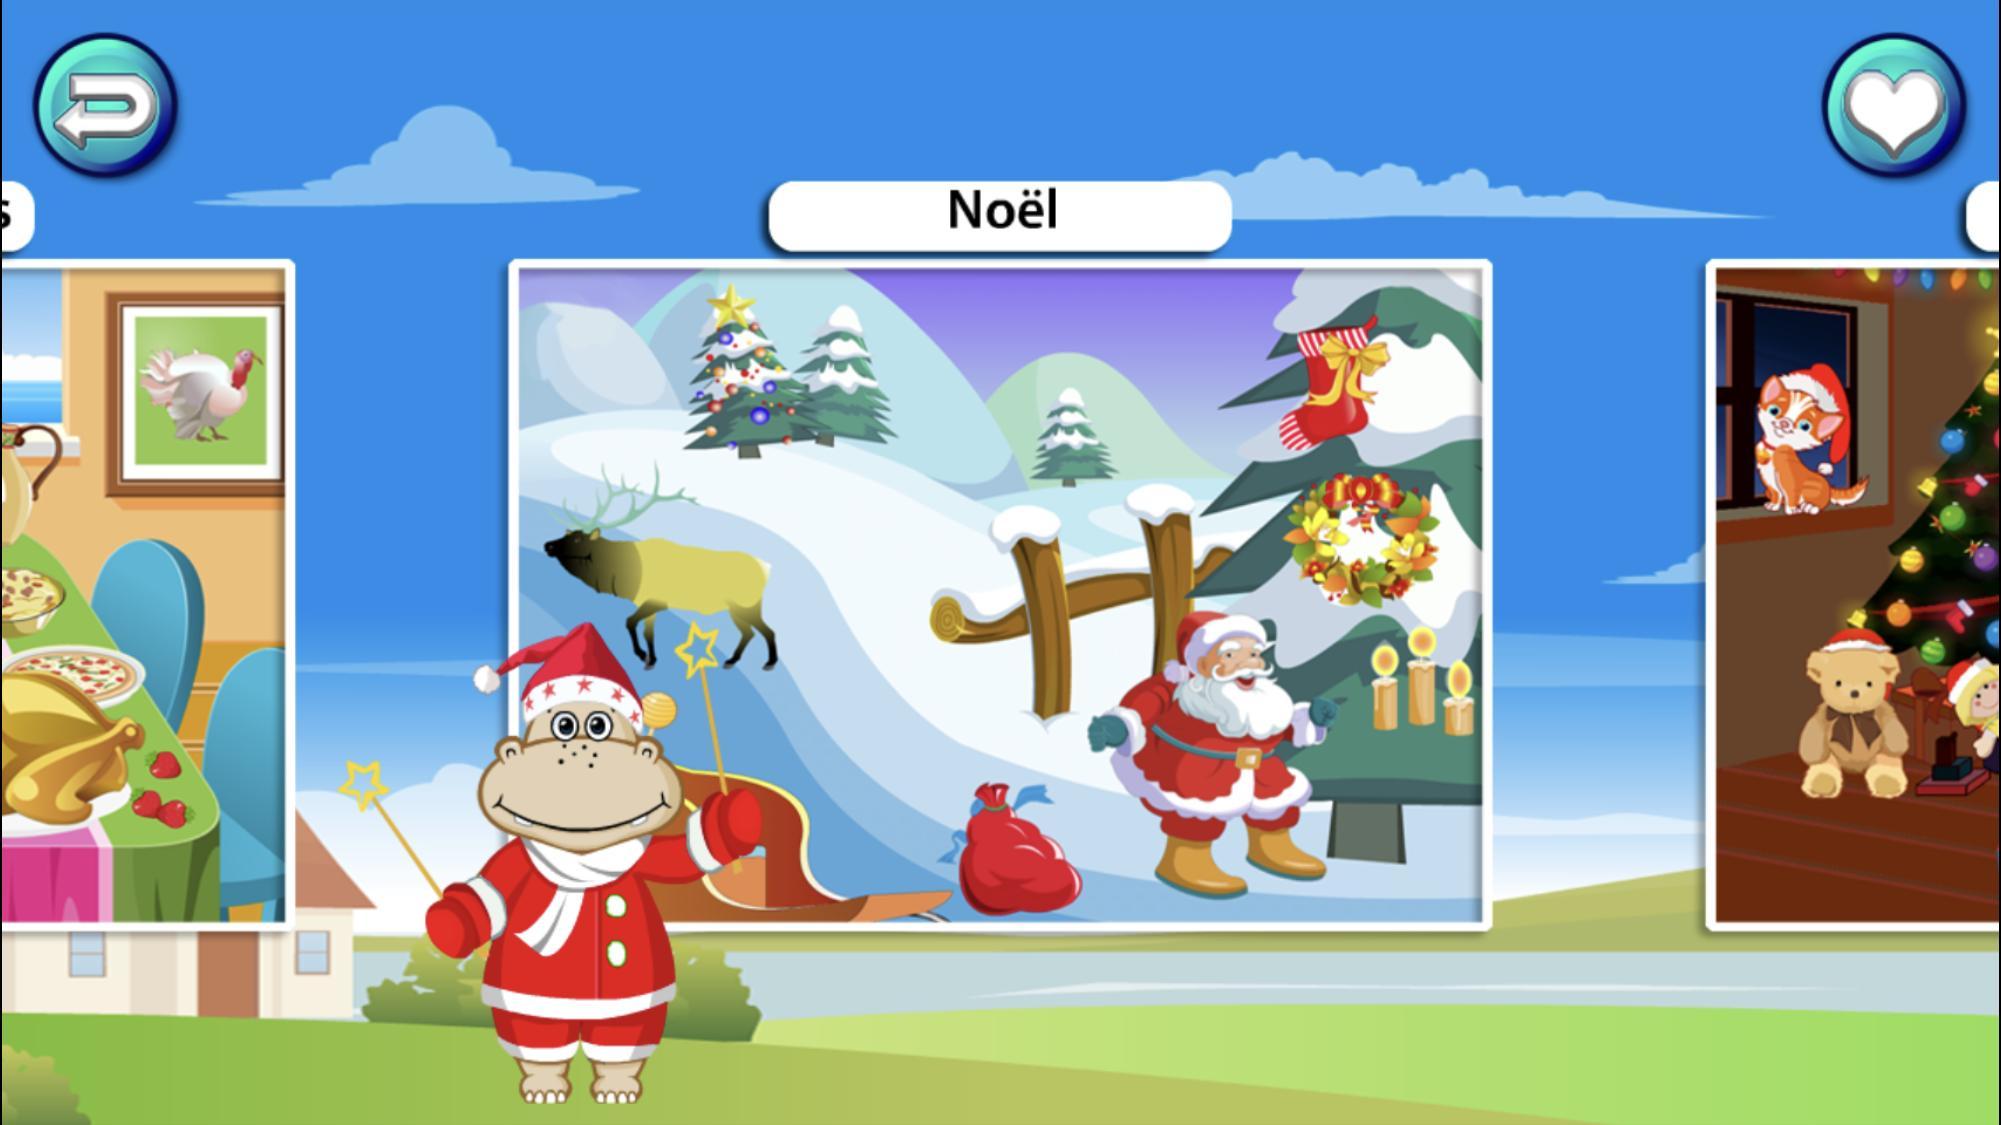 Puzzle De Forme Jeu Préféré Des Enfants Gratuit Pour Android concernant Jeu Pour Noel Gratuit